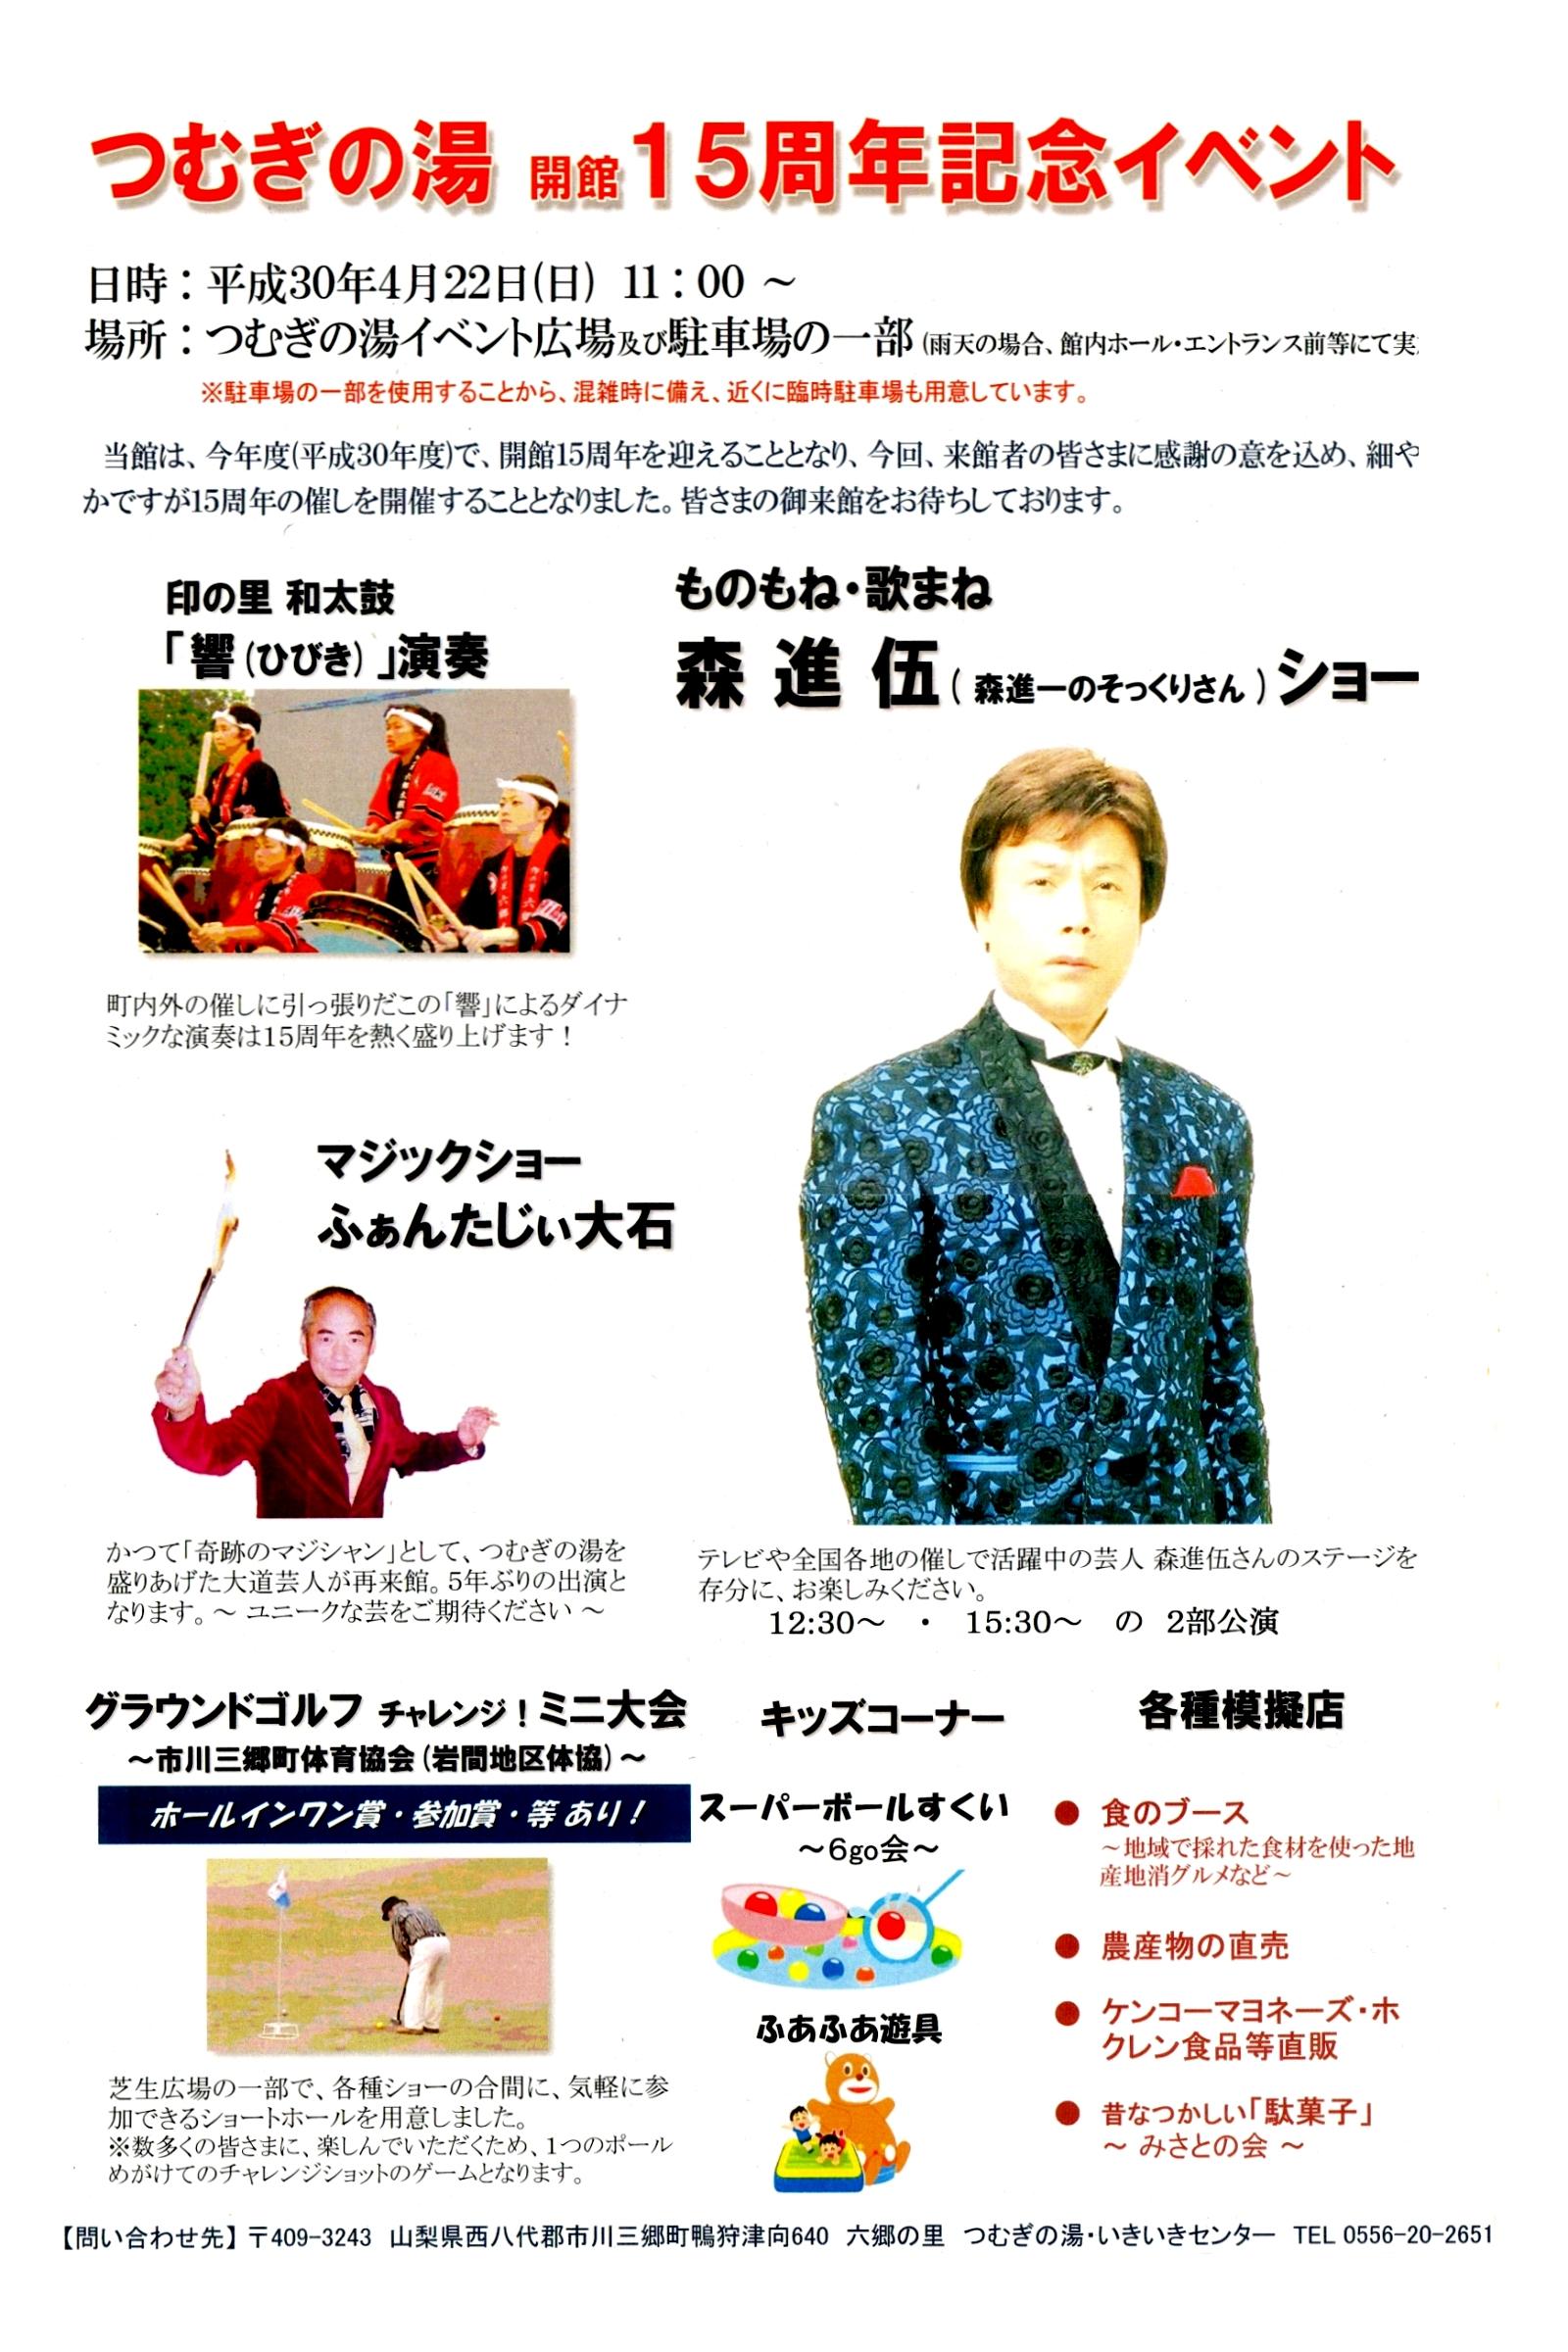 2018 つむぎの湯15周年記念イベント【4月のイベント案内】